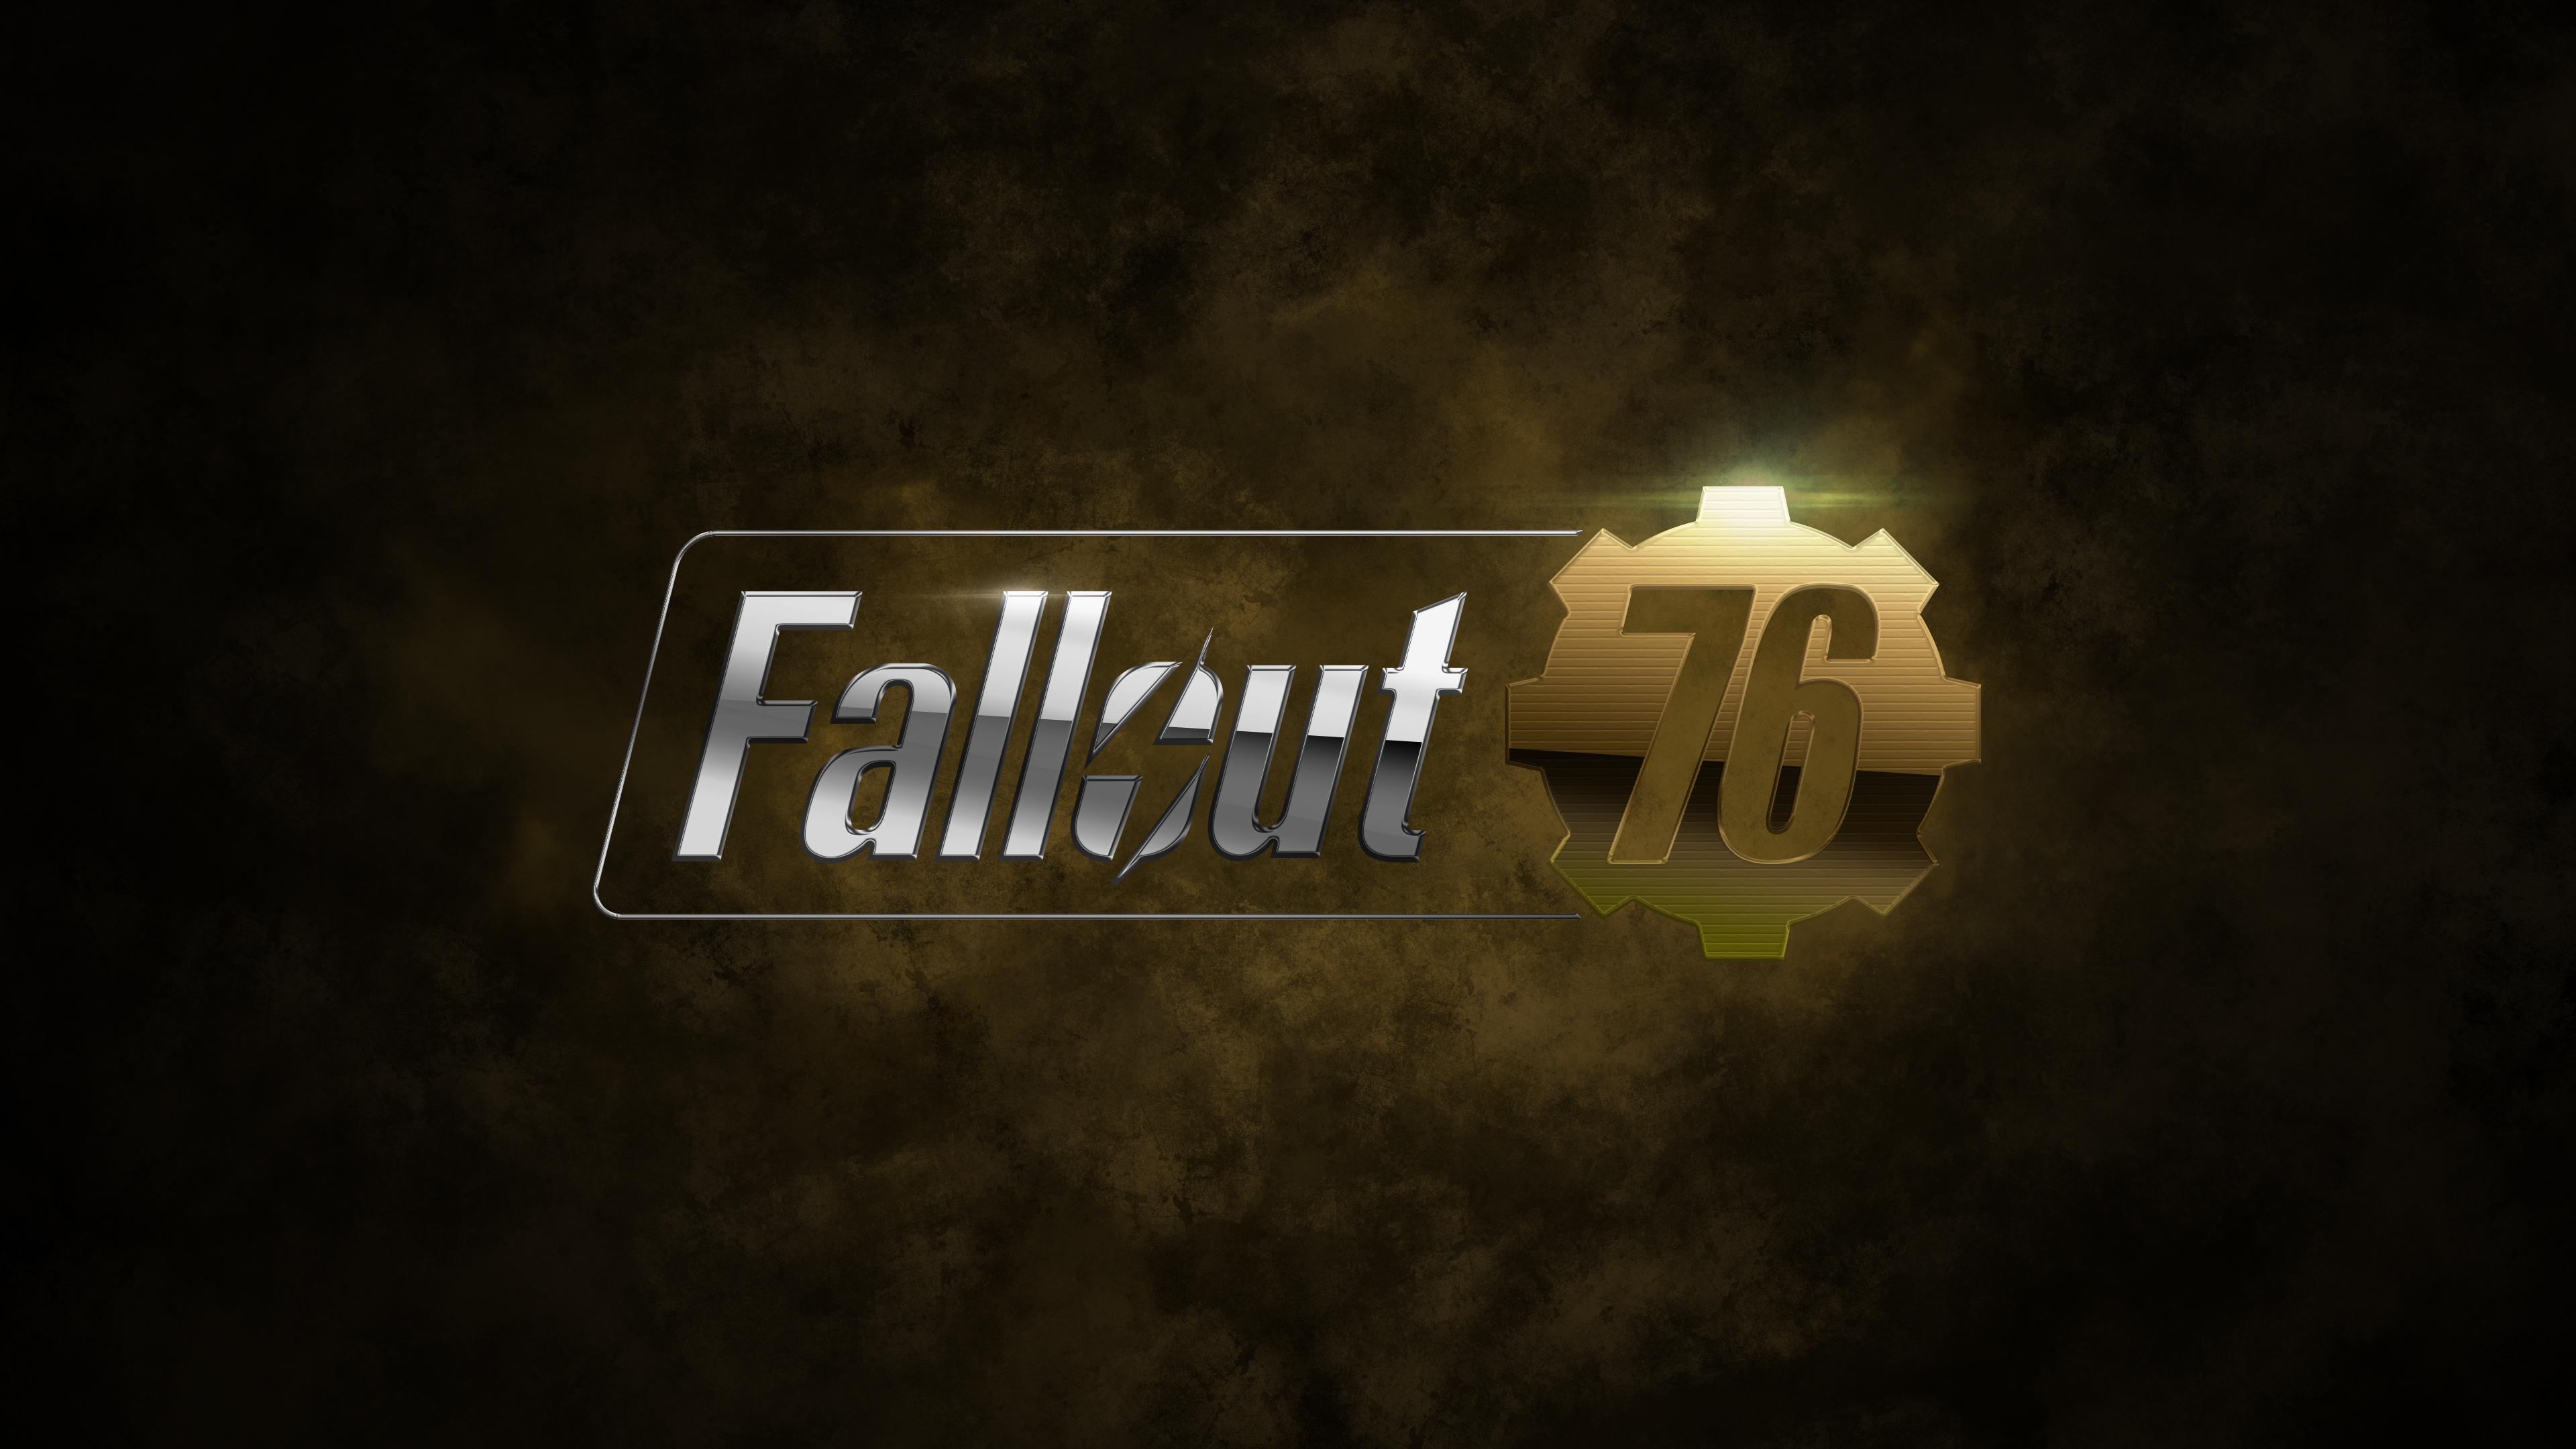 fallout 76 game logo 4k 1537691957 - Fallout 76 Game Logo 4k - hd-wallpapers, games wallpapers, fallout 76 wallpapers, deviantart wallpapers, 4k-wallpapers, 2018 games wallpapers